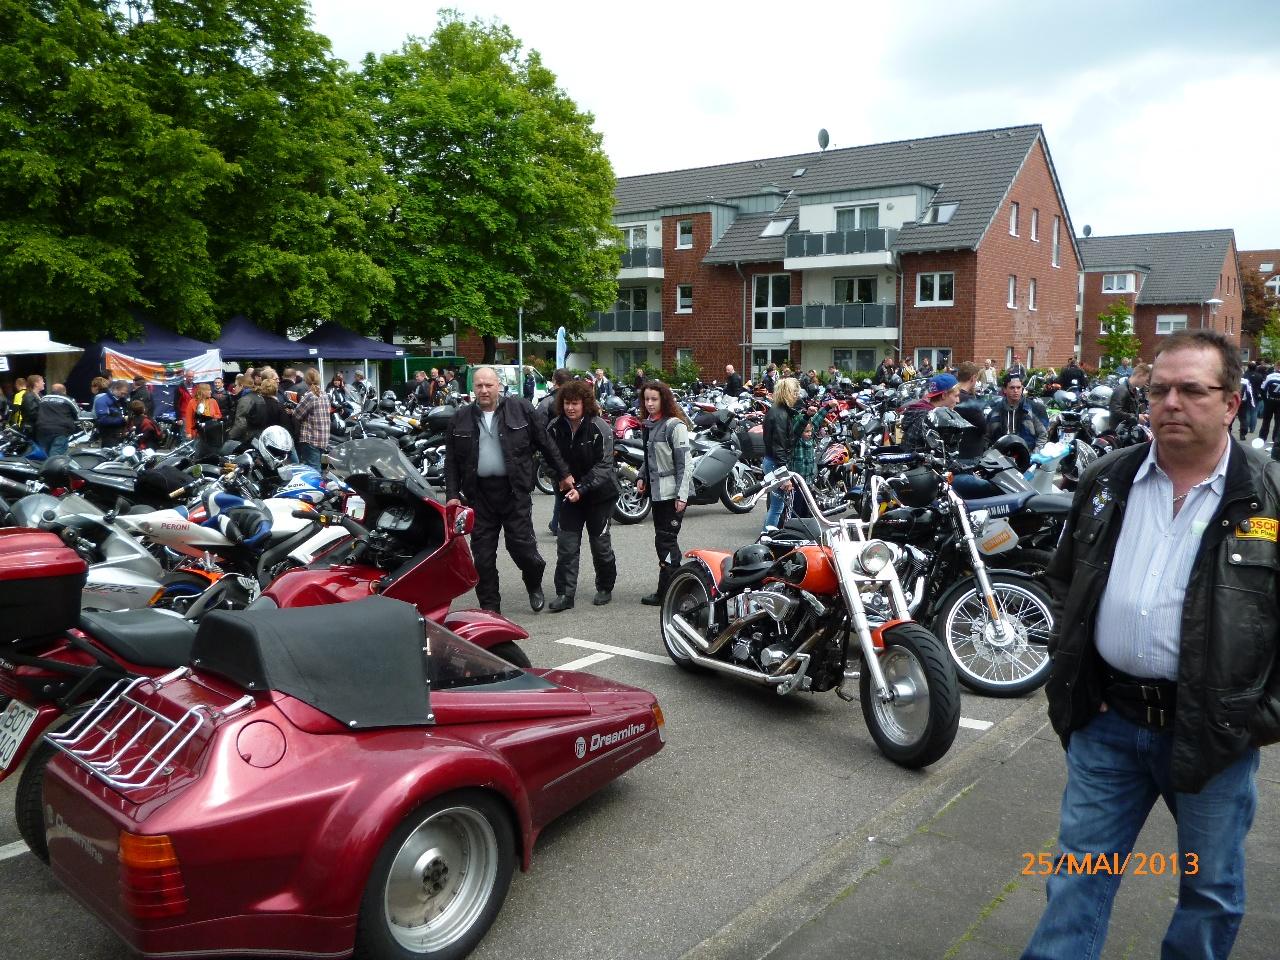 32-motorradfahrer-gottesdienst_2013_65